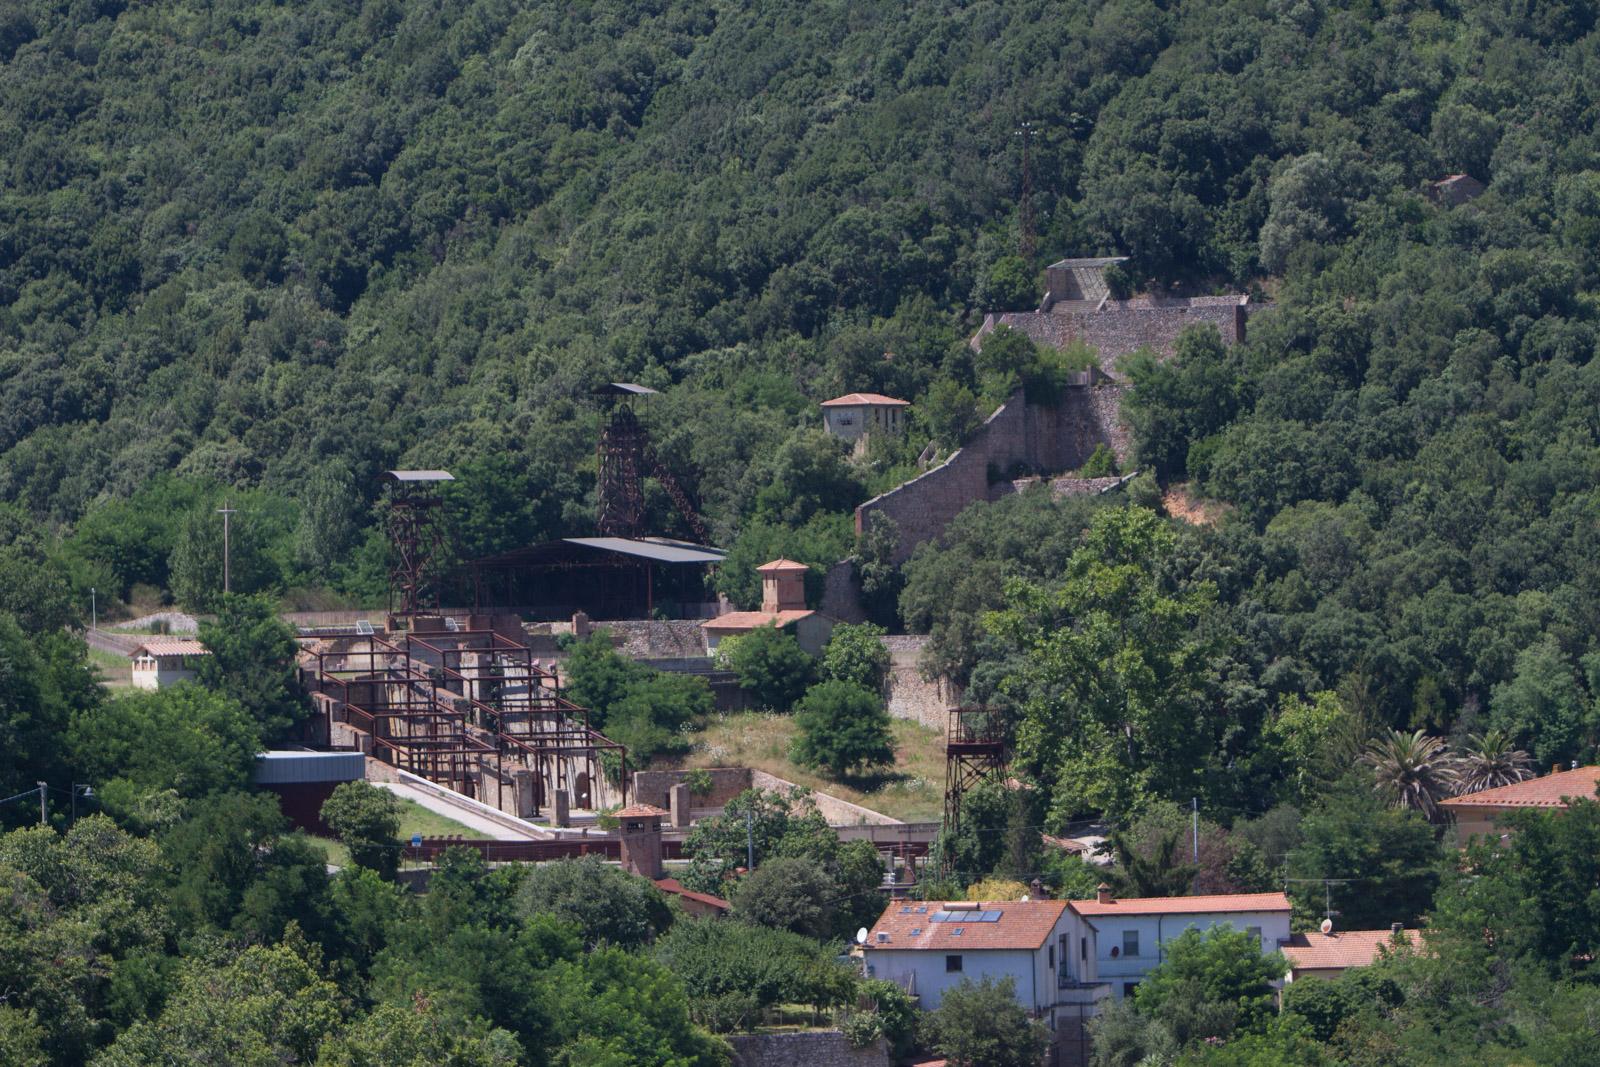 Nelle vicinanze troverete l'ex sito minerario di Ravi_Marchi.